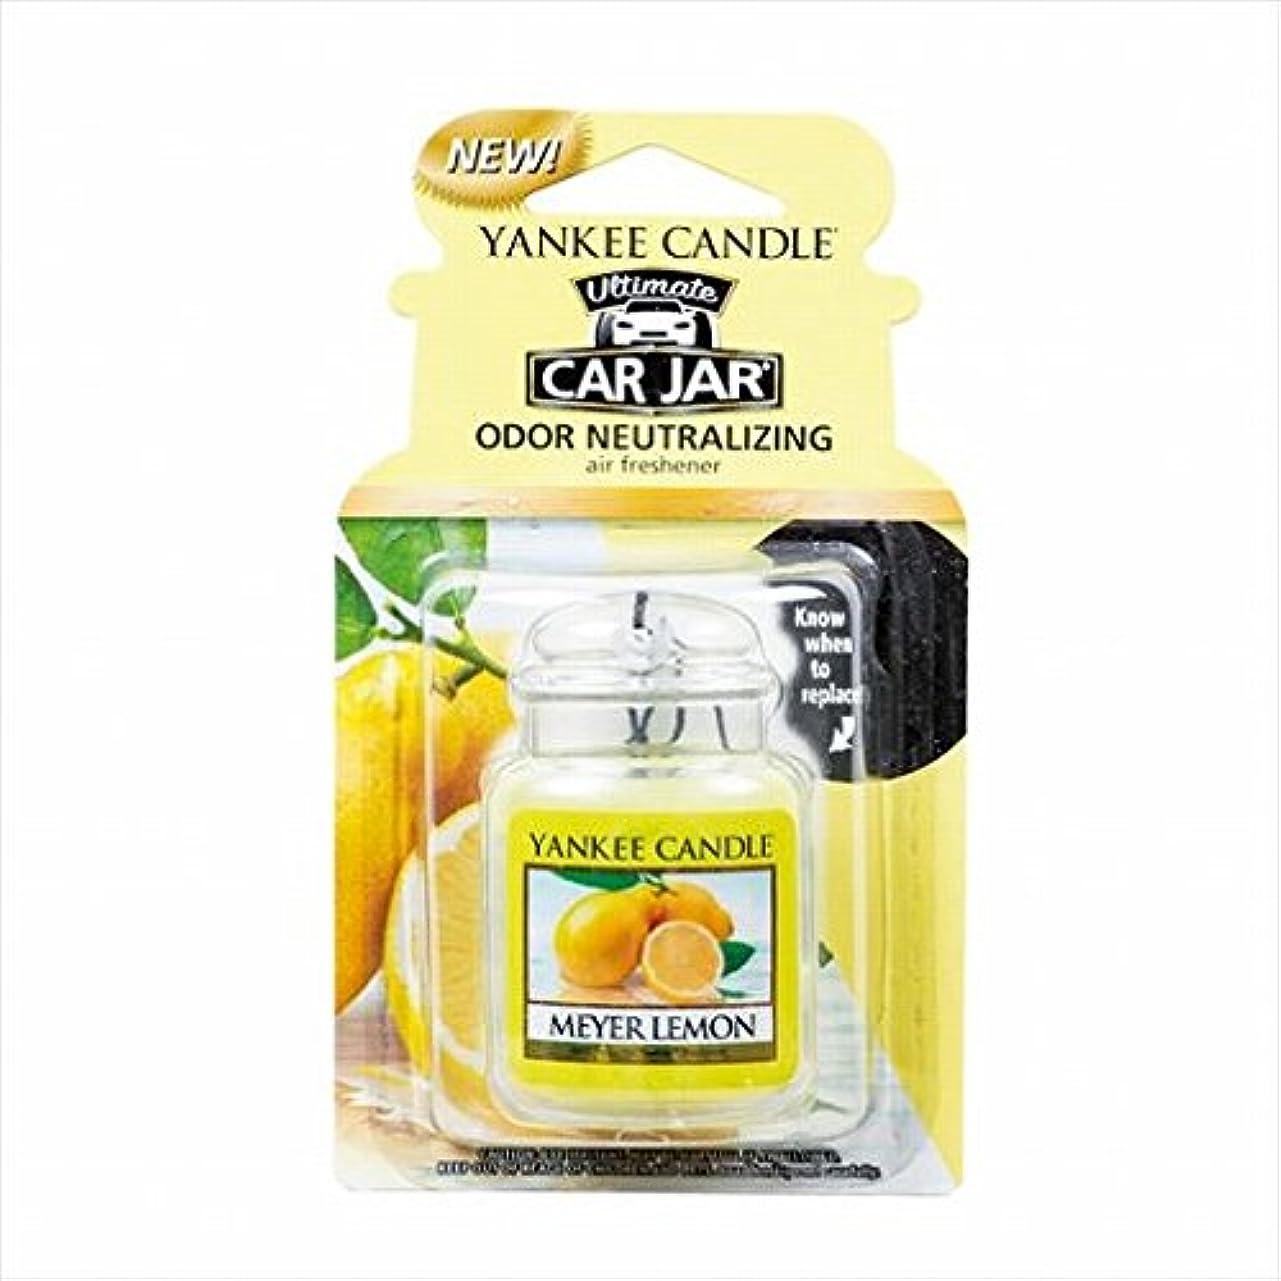 部門グッゲンハイム美術館エレメンタルカメヤマキャンドル(kameyama candle) YANKEE CANDLE ネオカージャー 「 メイヤーレモン 」